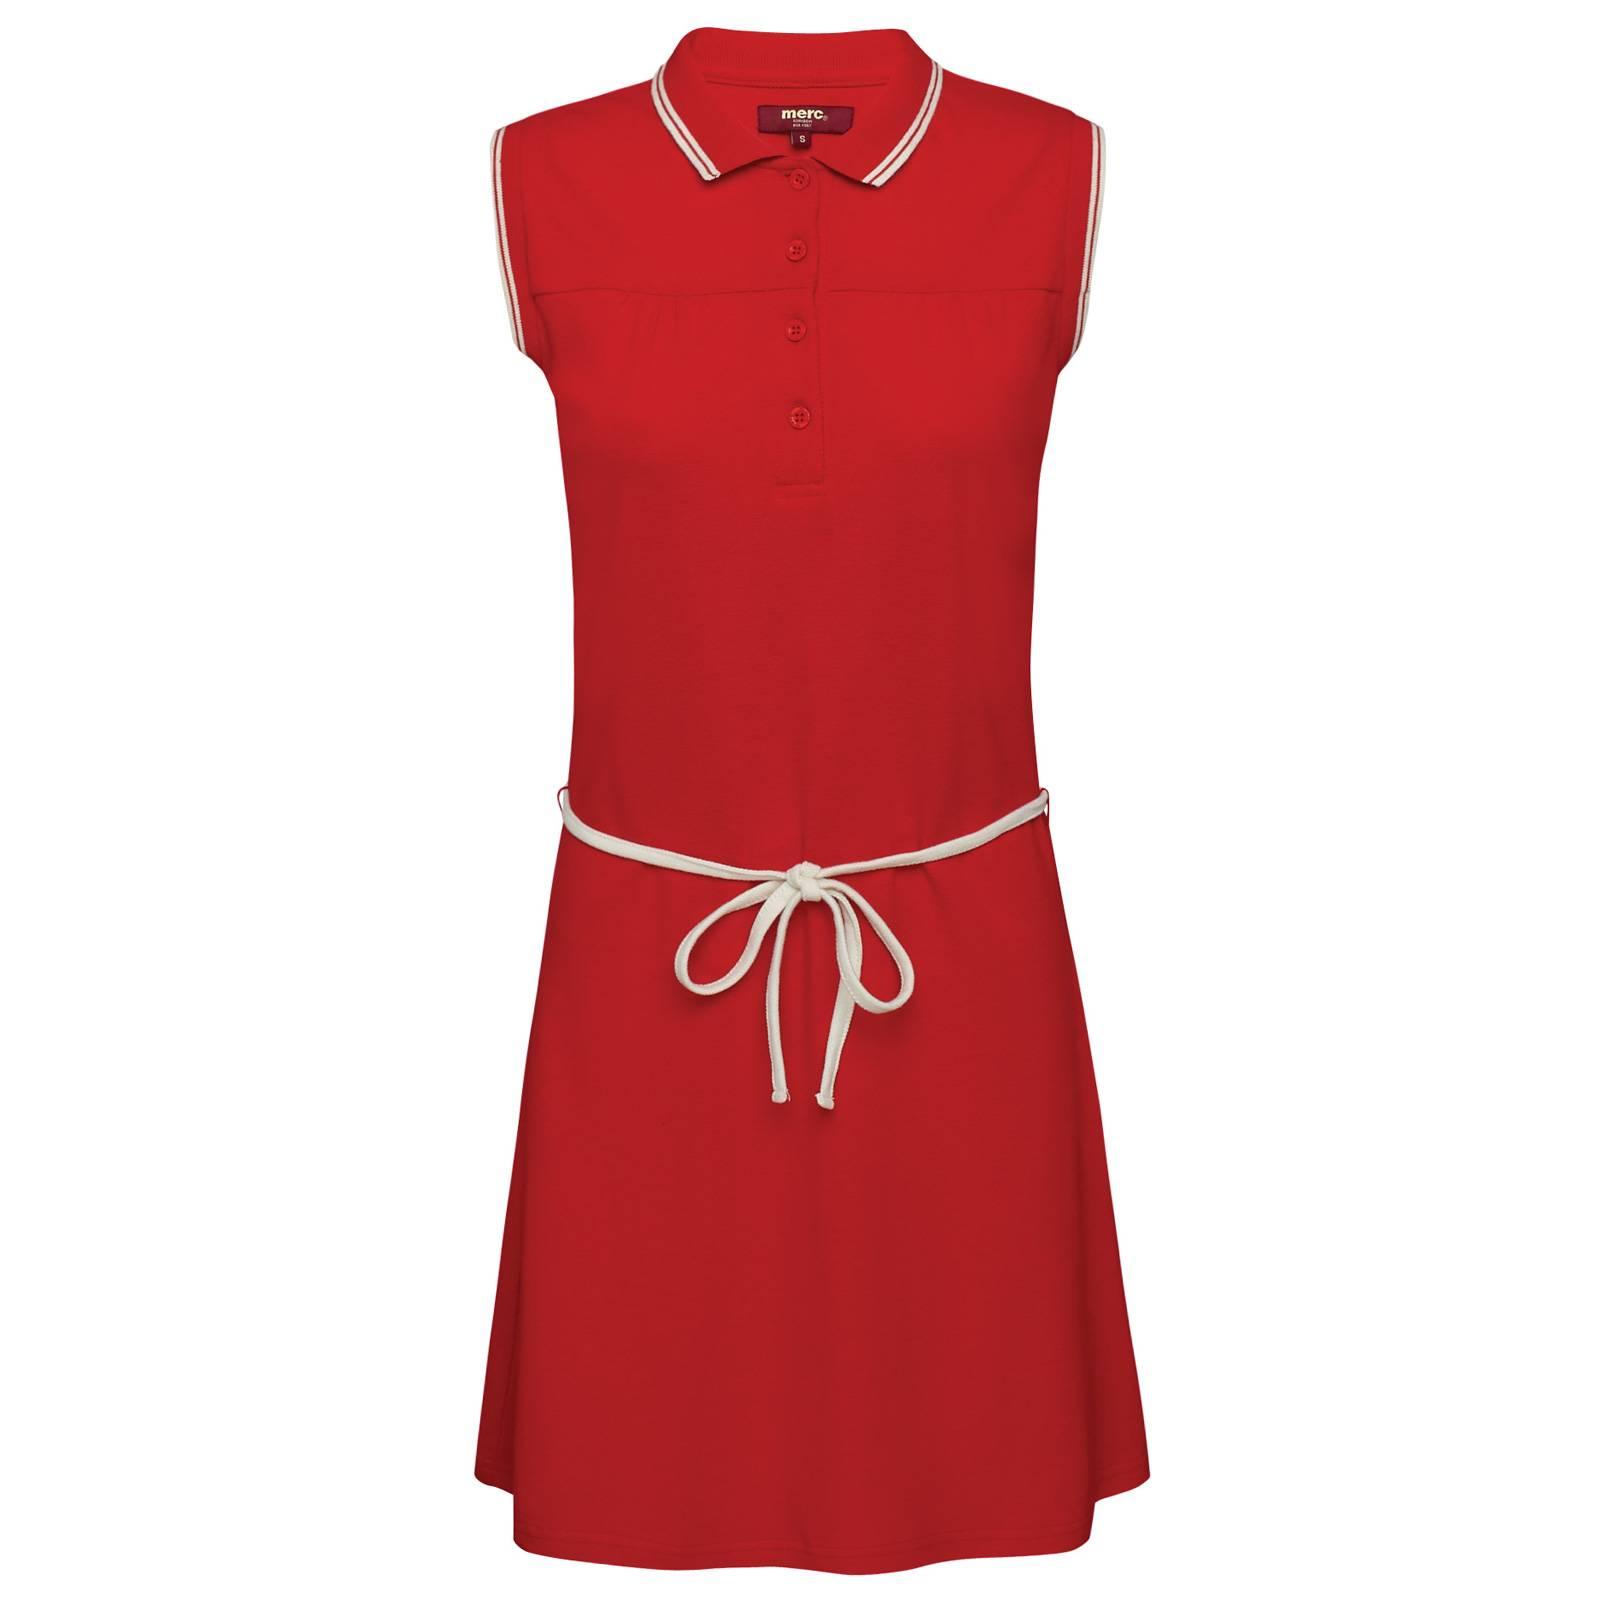 Платье CeliaПлатья<br><br><br>Артикул: 2912101<br>Материал: 100% хлопок<br>Цвет: красный<br>Пол: Женский